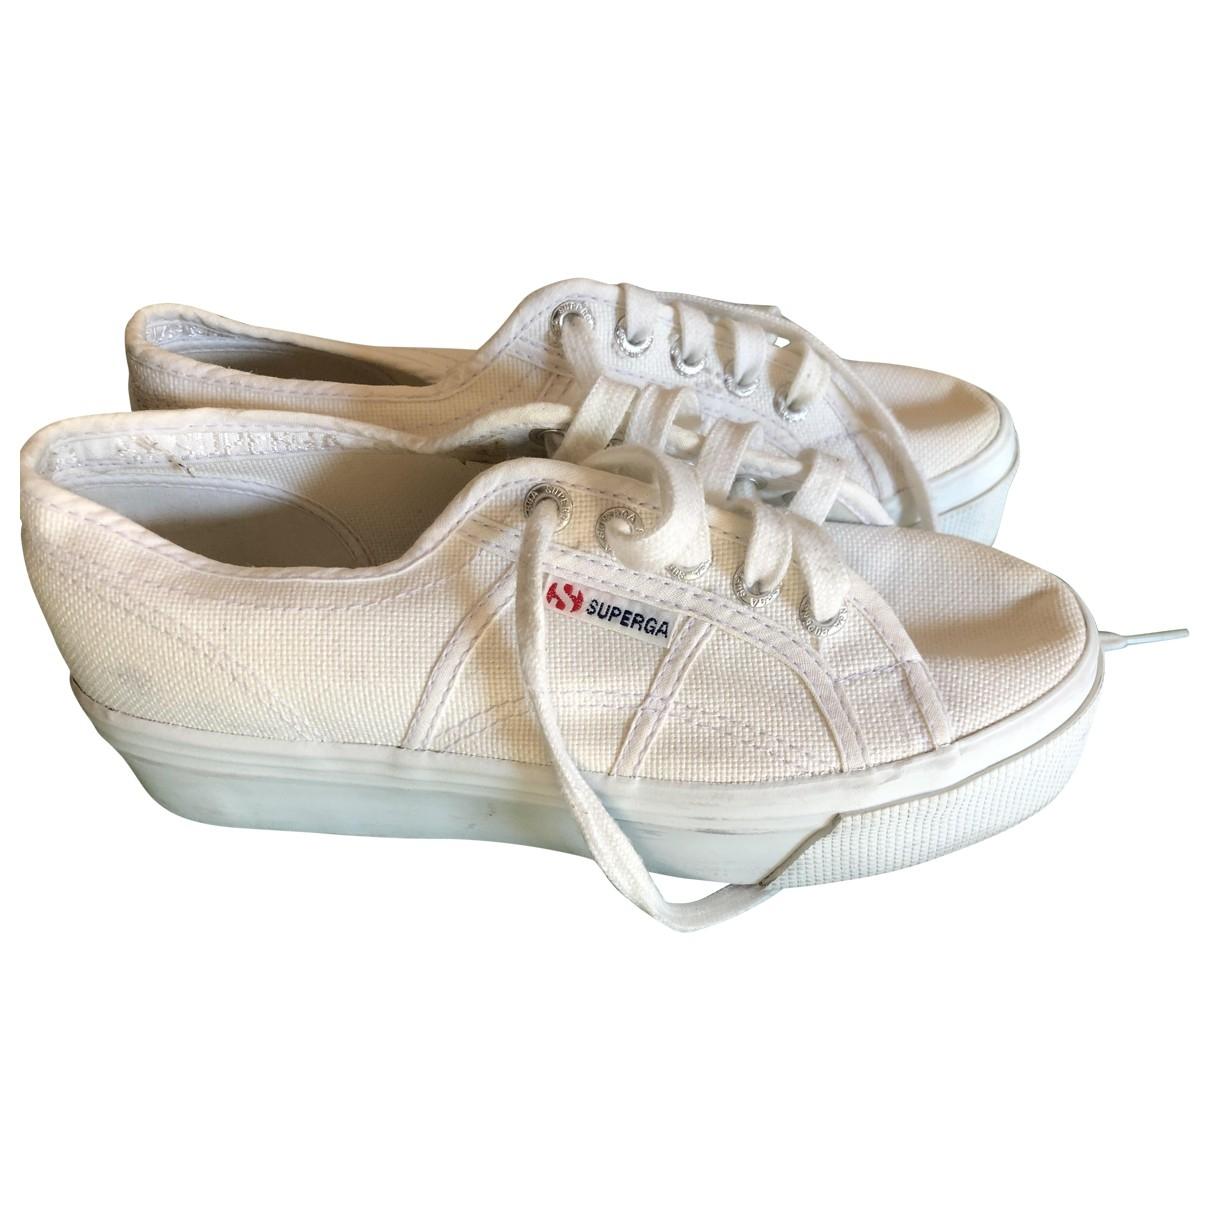 Superga - Sandales   pour femme en toile - blanc